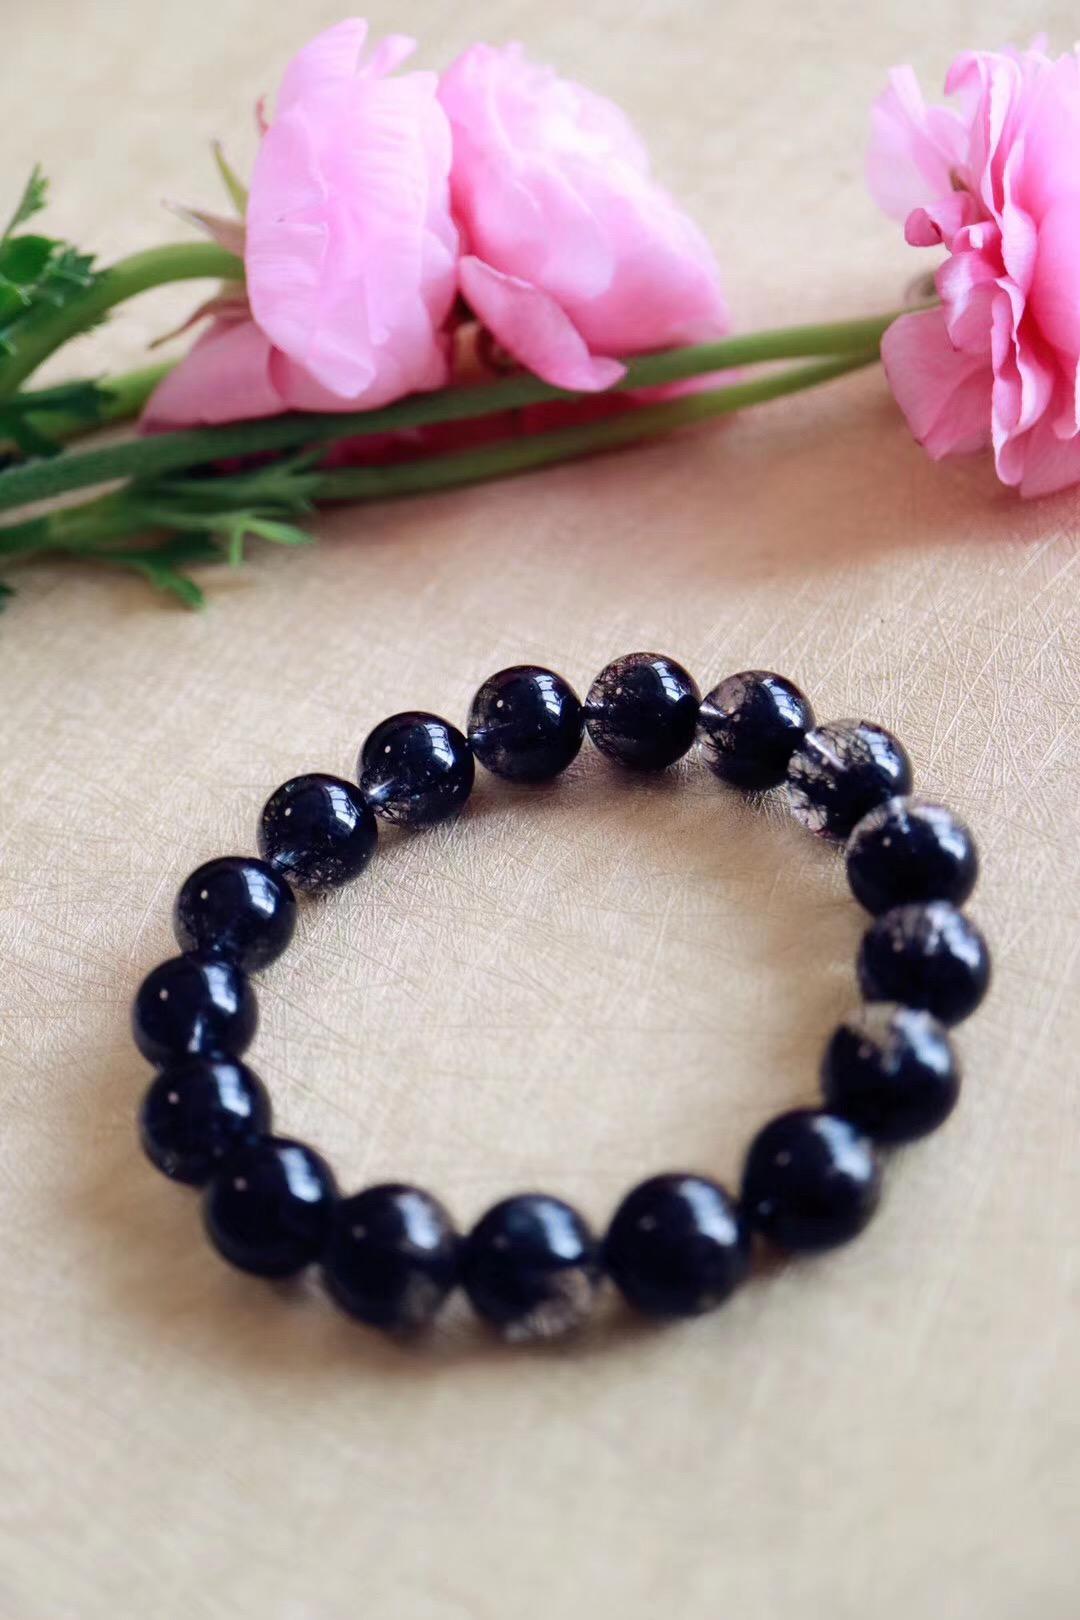 【黑发晶聚宝盆】黑发晶的身上,有种特别酷的现代感-菩心晶舍